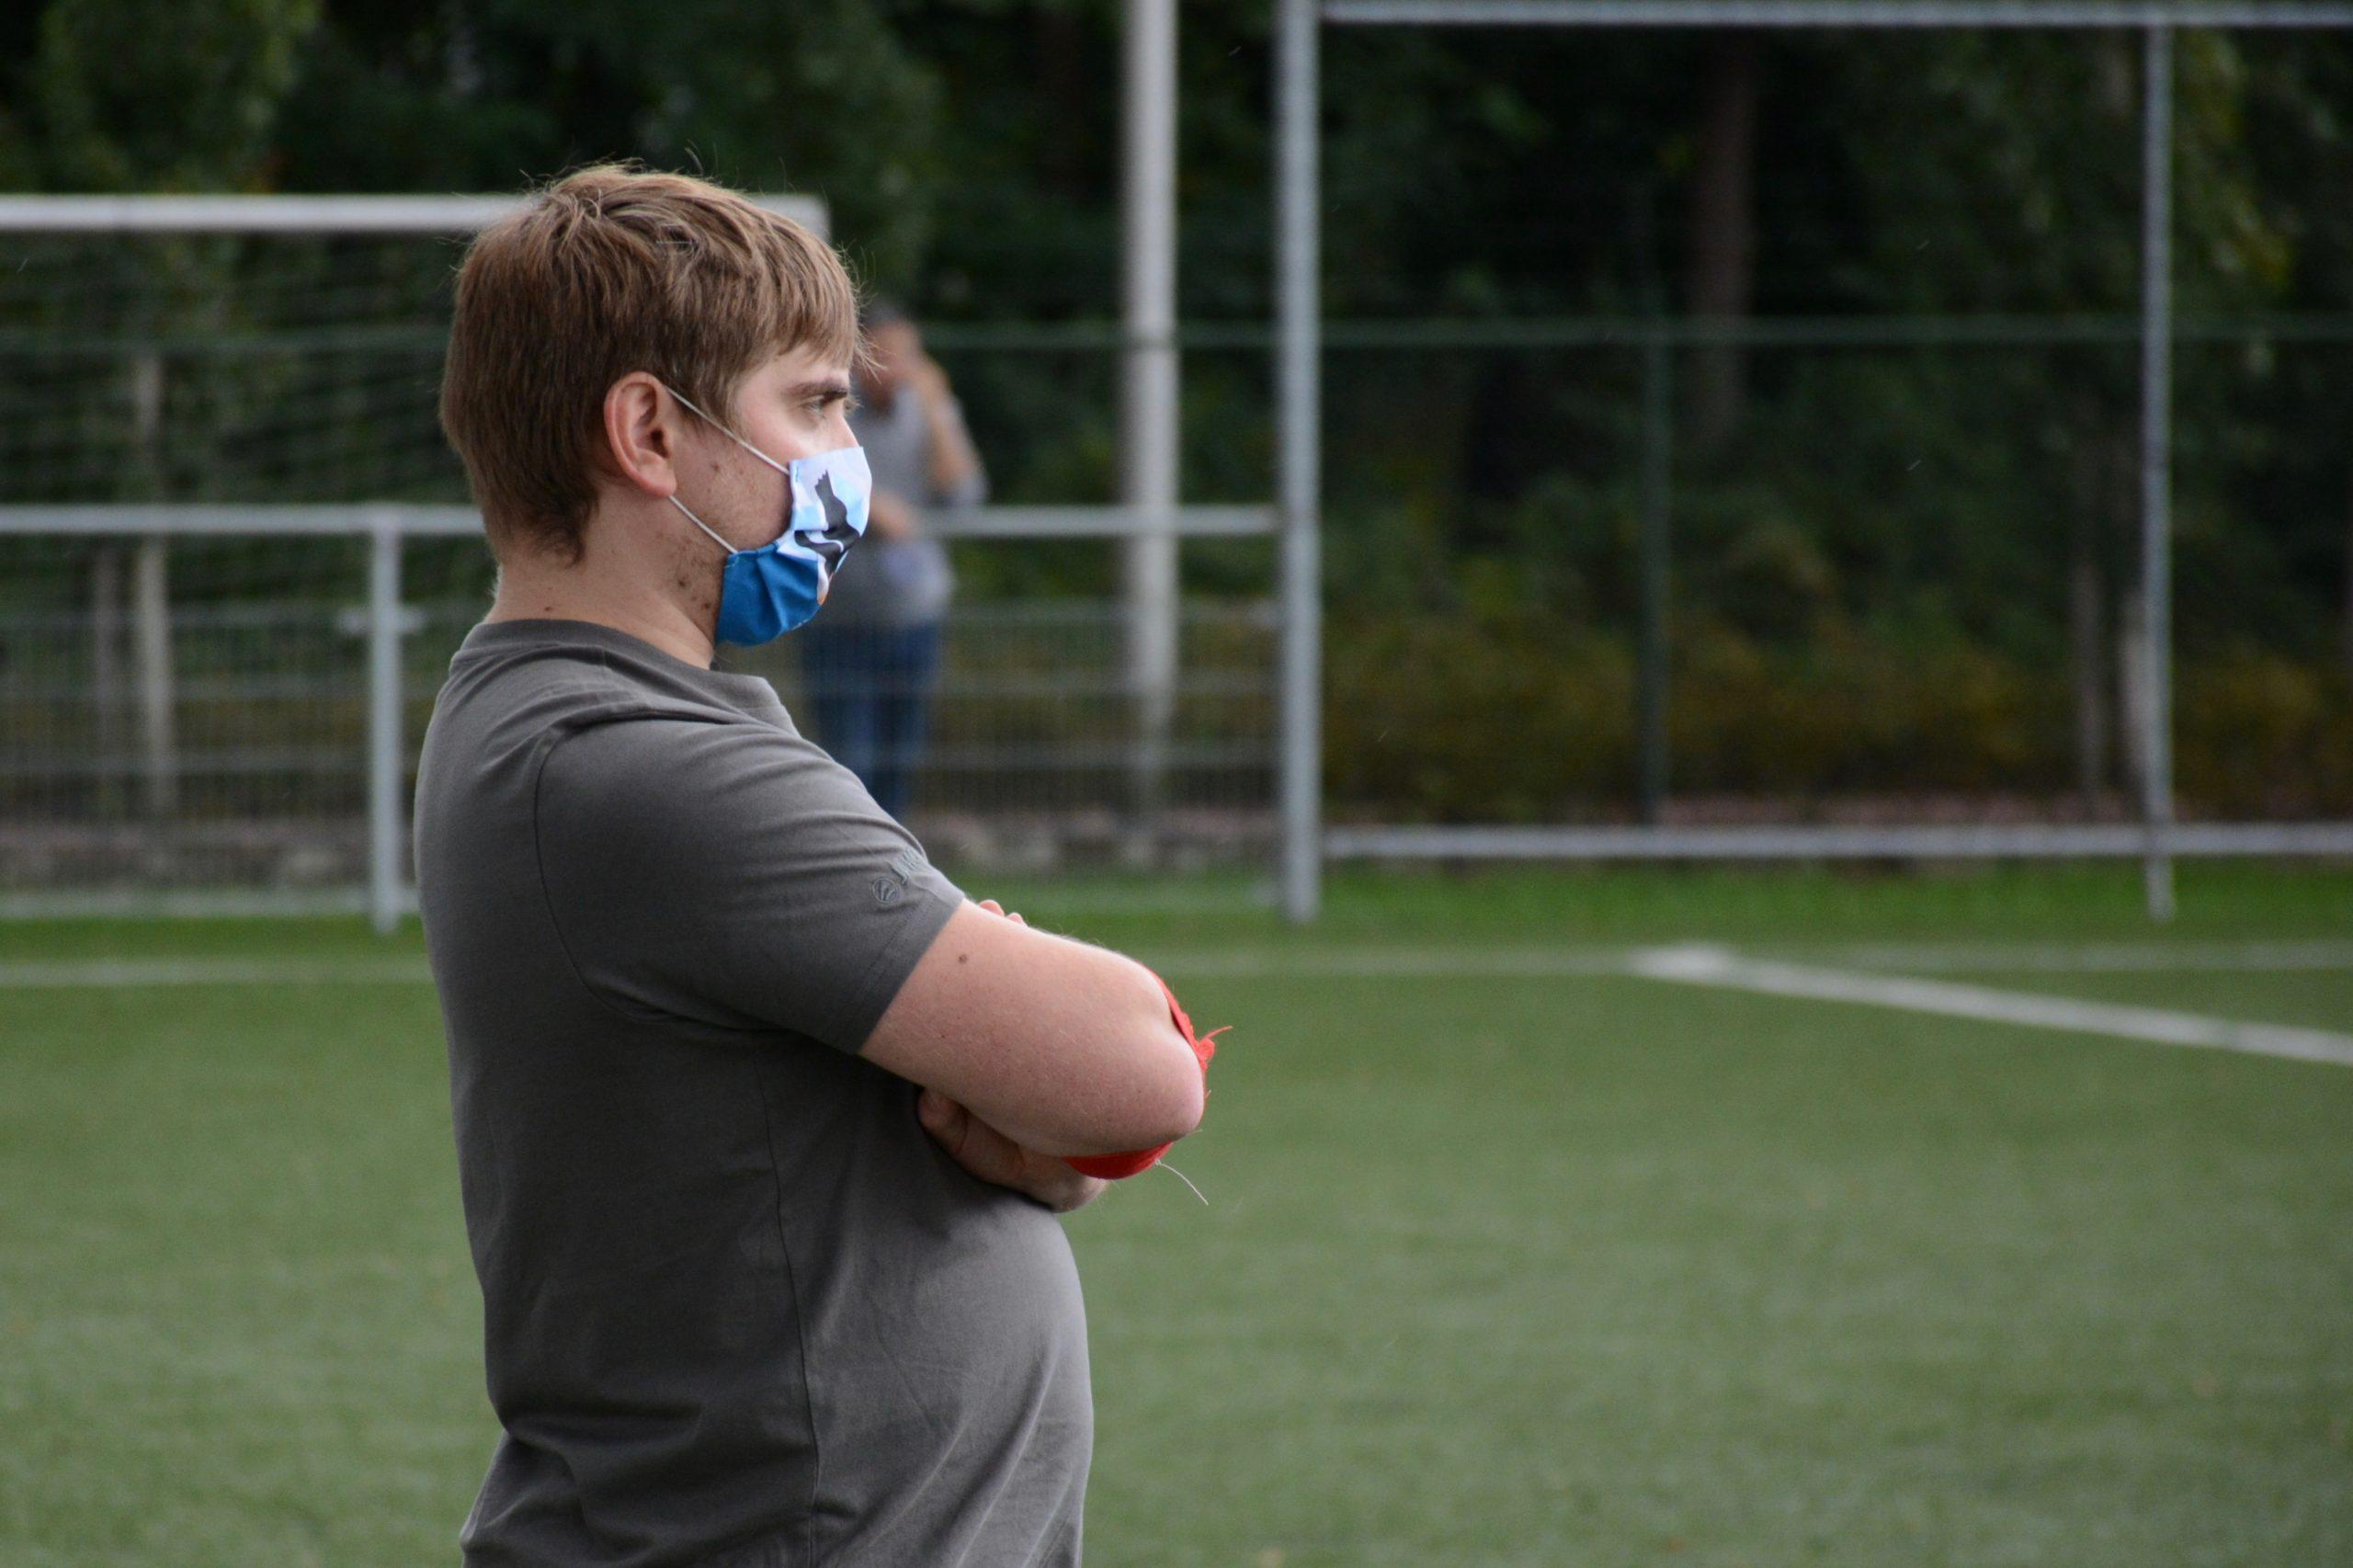 Coach Gert-Jan ziet dat het goed is